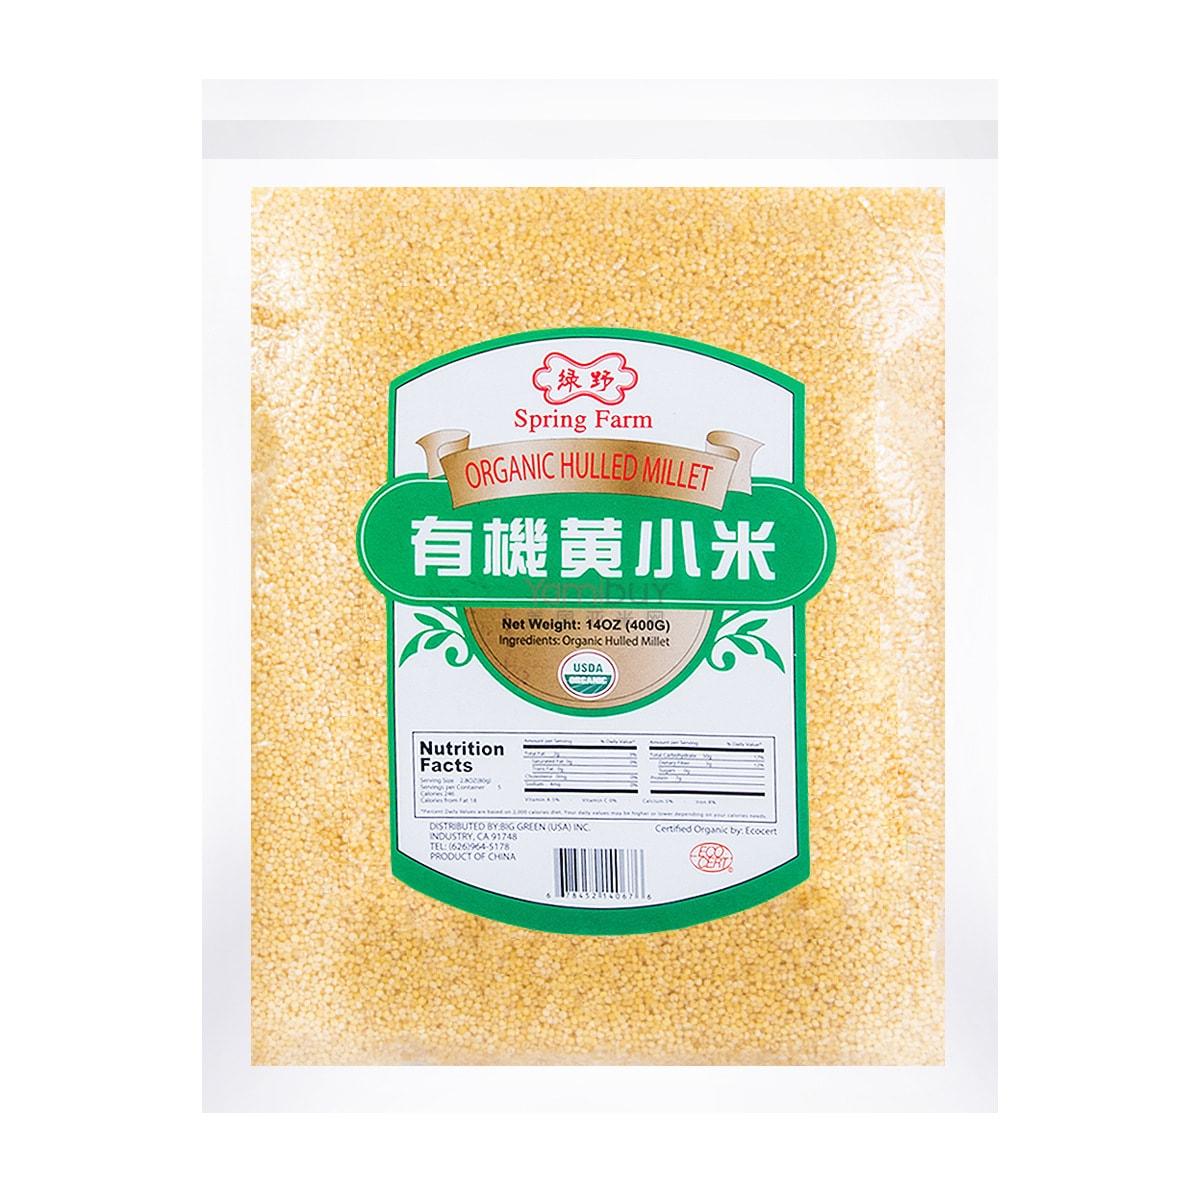 绿野 有机精选优质黄小米 400g USDA认证